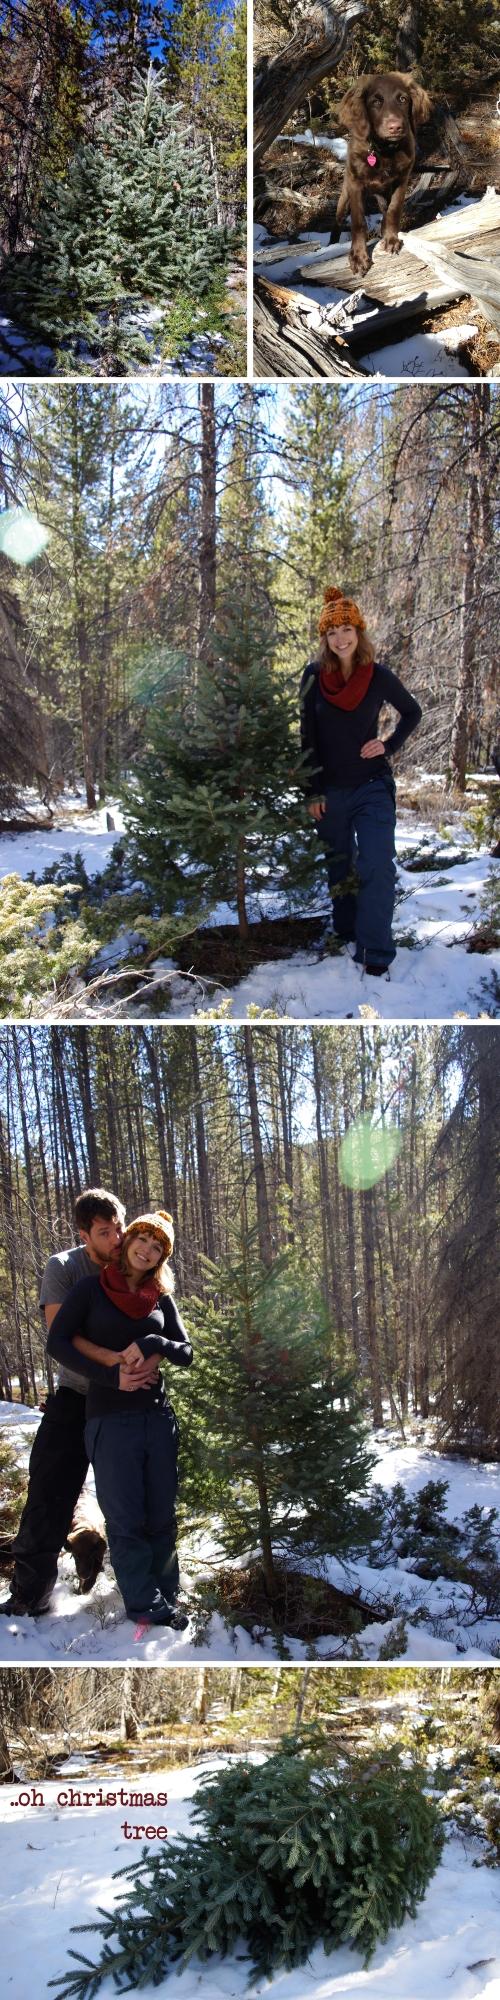 Colorado Christmas Tree